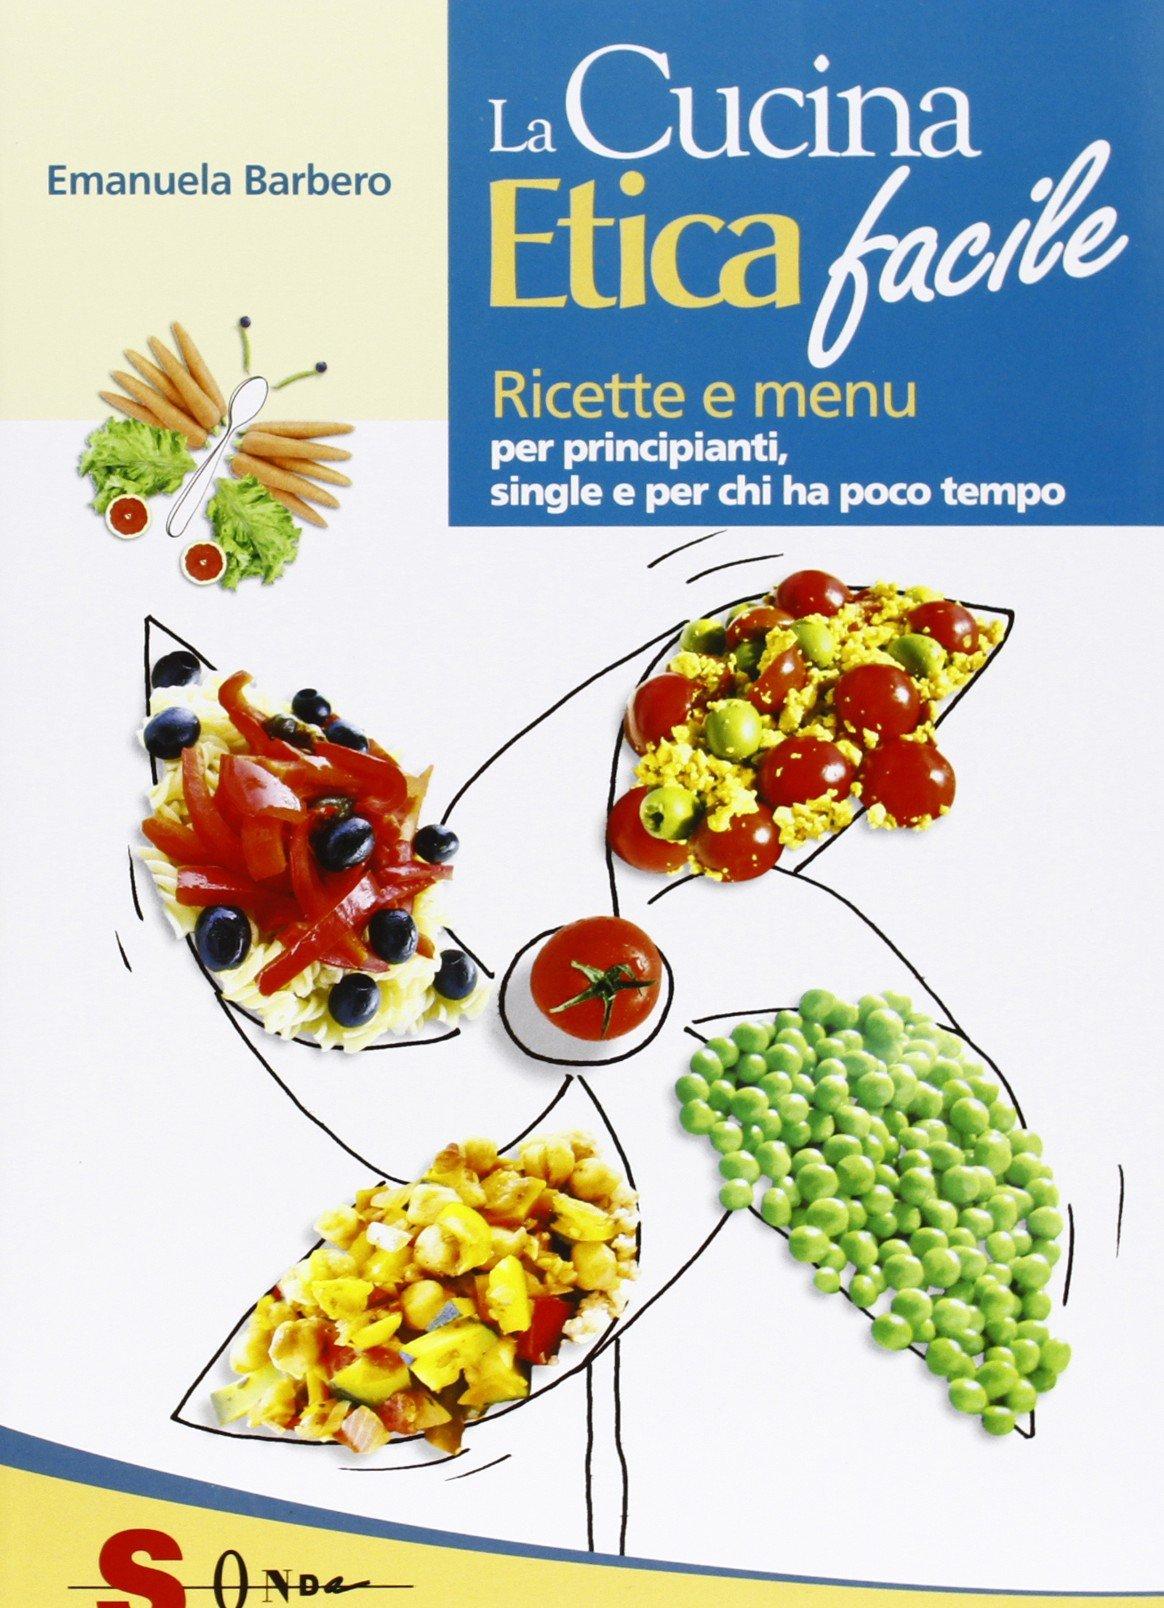 amazonit la cucina etica facile ricette economiche semplici veloci e gustose per principianti studenti e single emanuela barbero libri